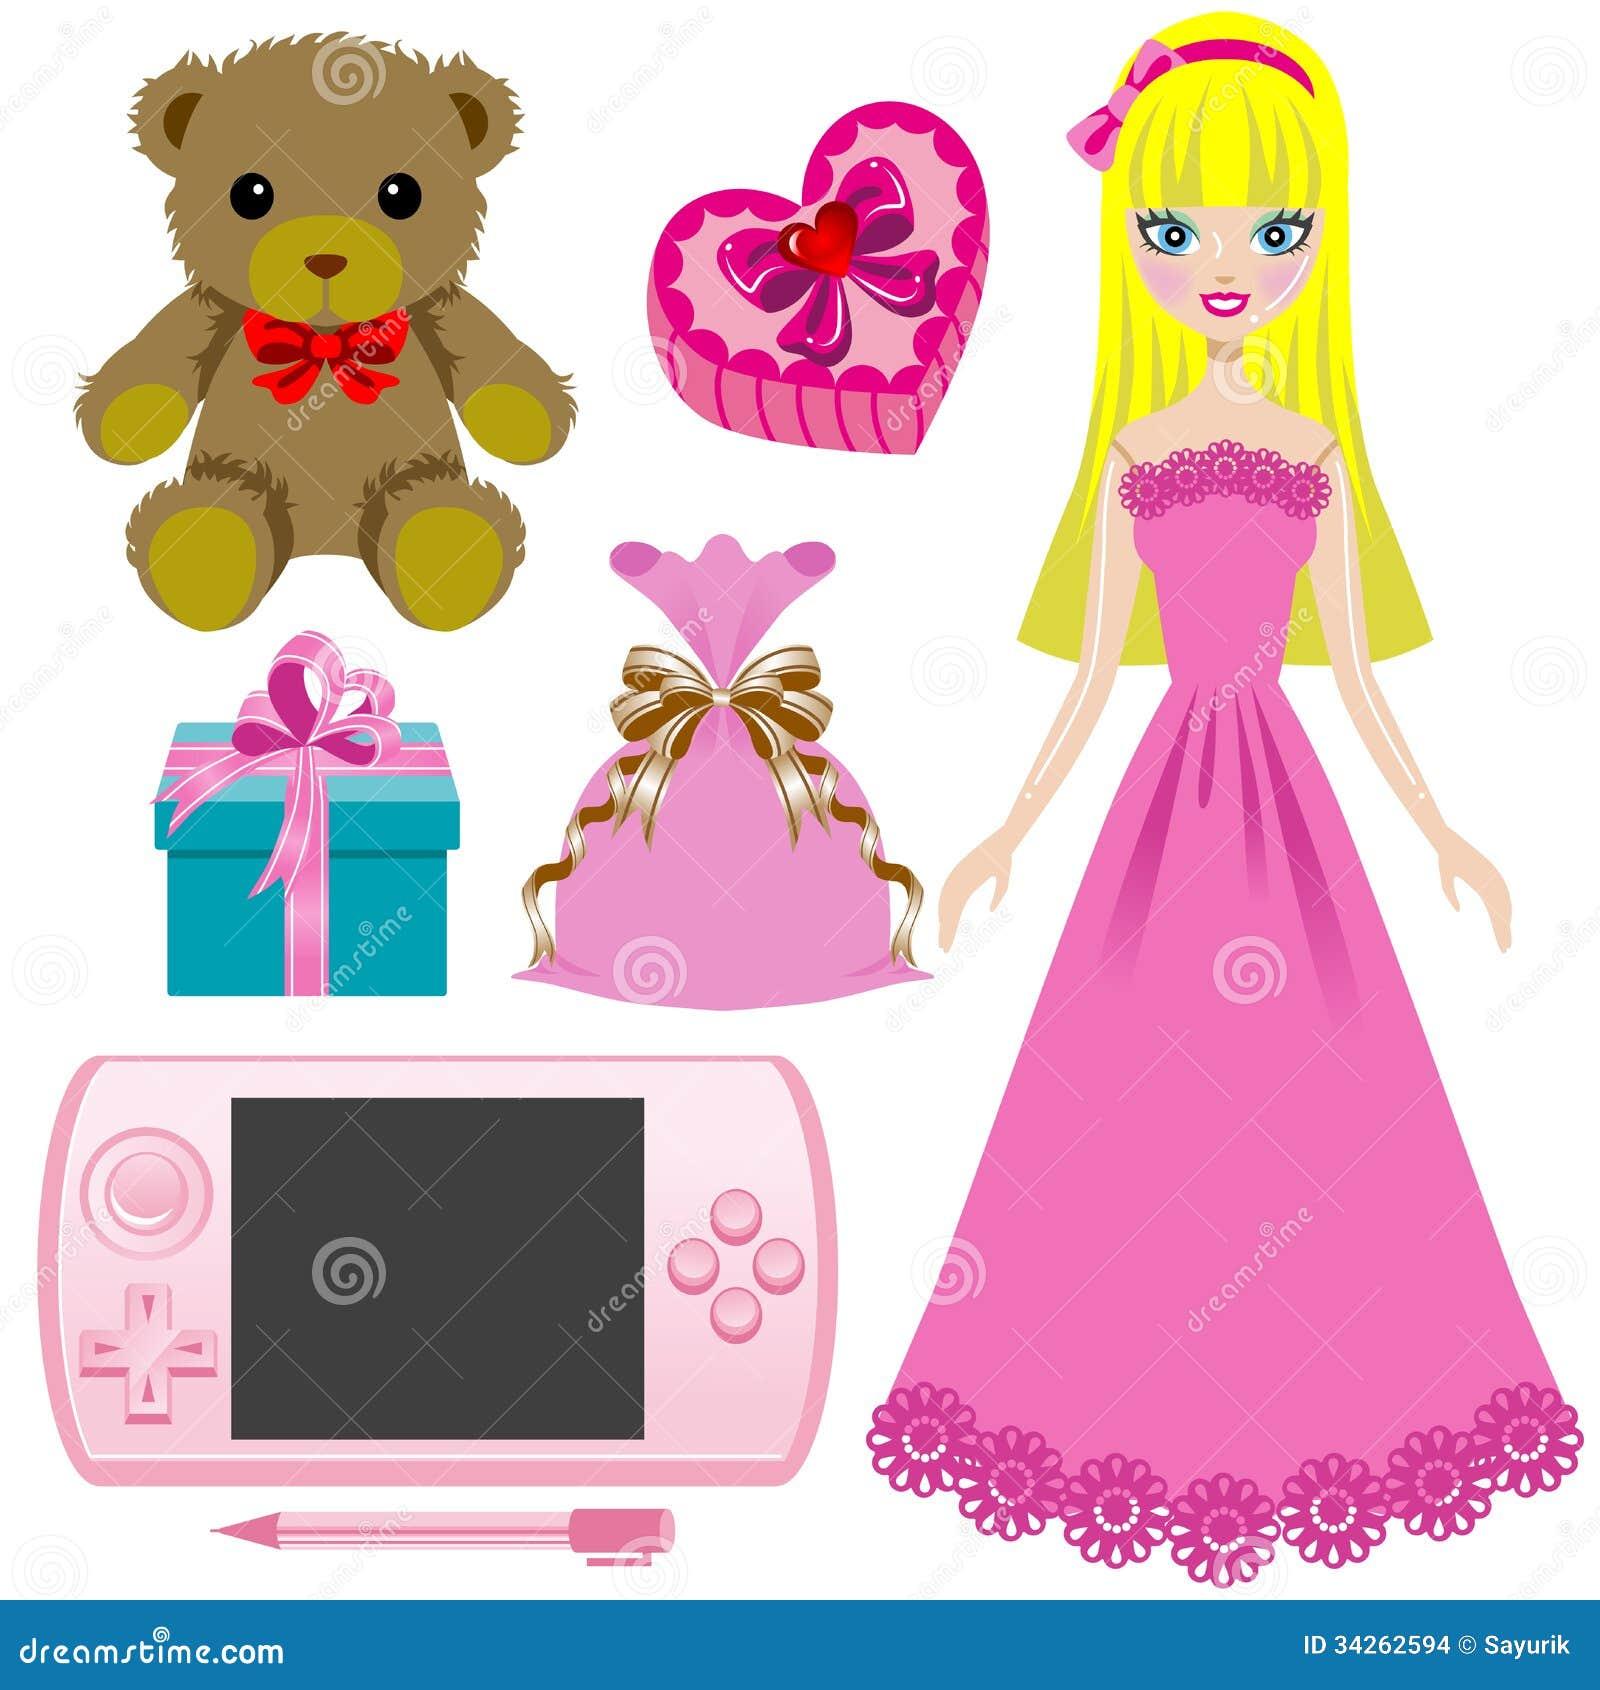 Girl Toys Clip Art : Toy for girls stock vector image of girl doll animal